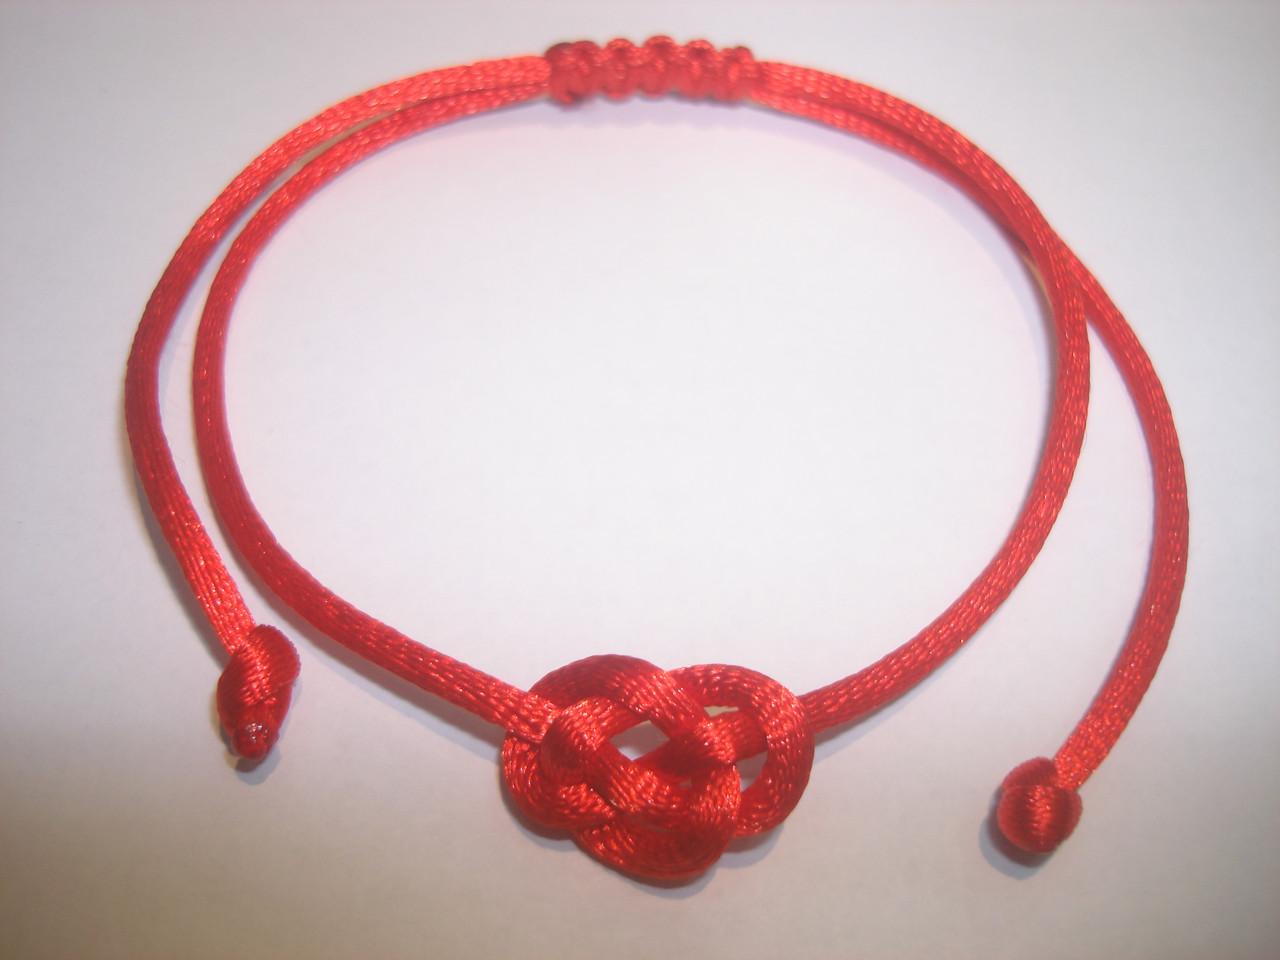 Как сделать браслет из красной нити своими руками : идеи, варианты, фото